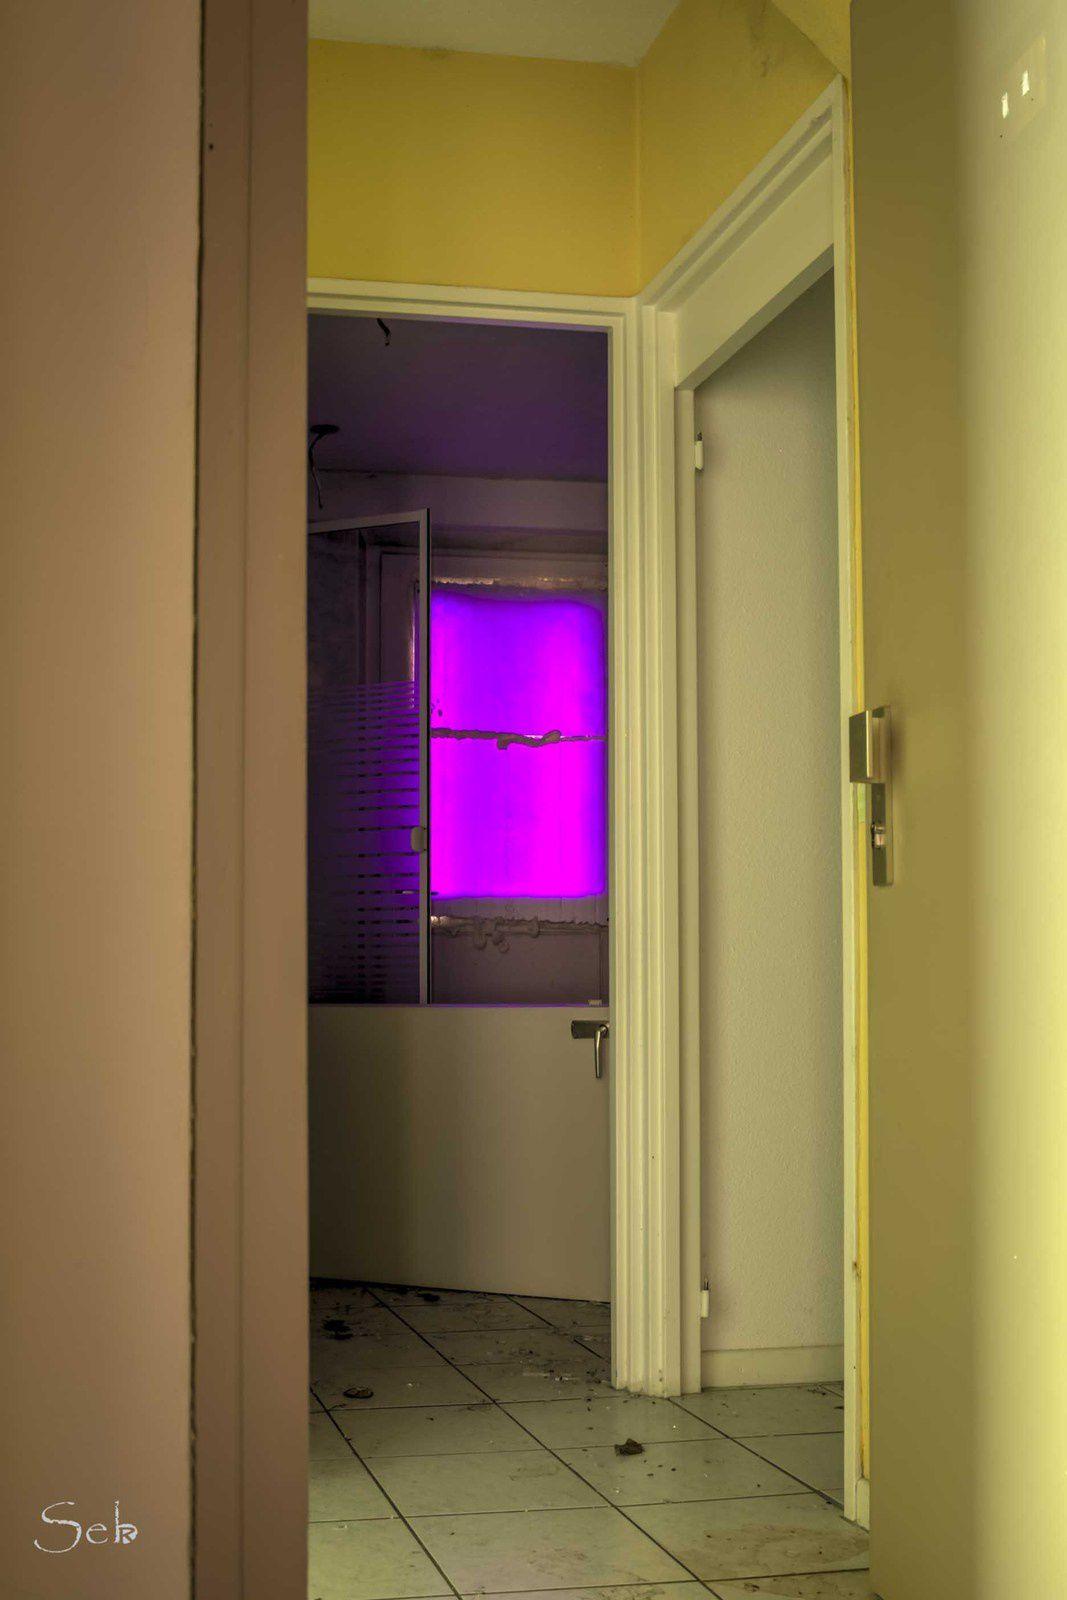 Je n'arrive pas à dormir, je vais faire un cauchemar avec cette fenêtre violette.